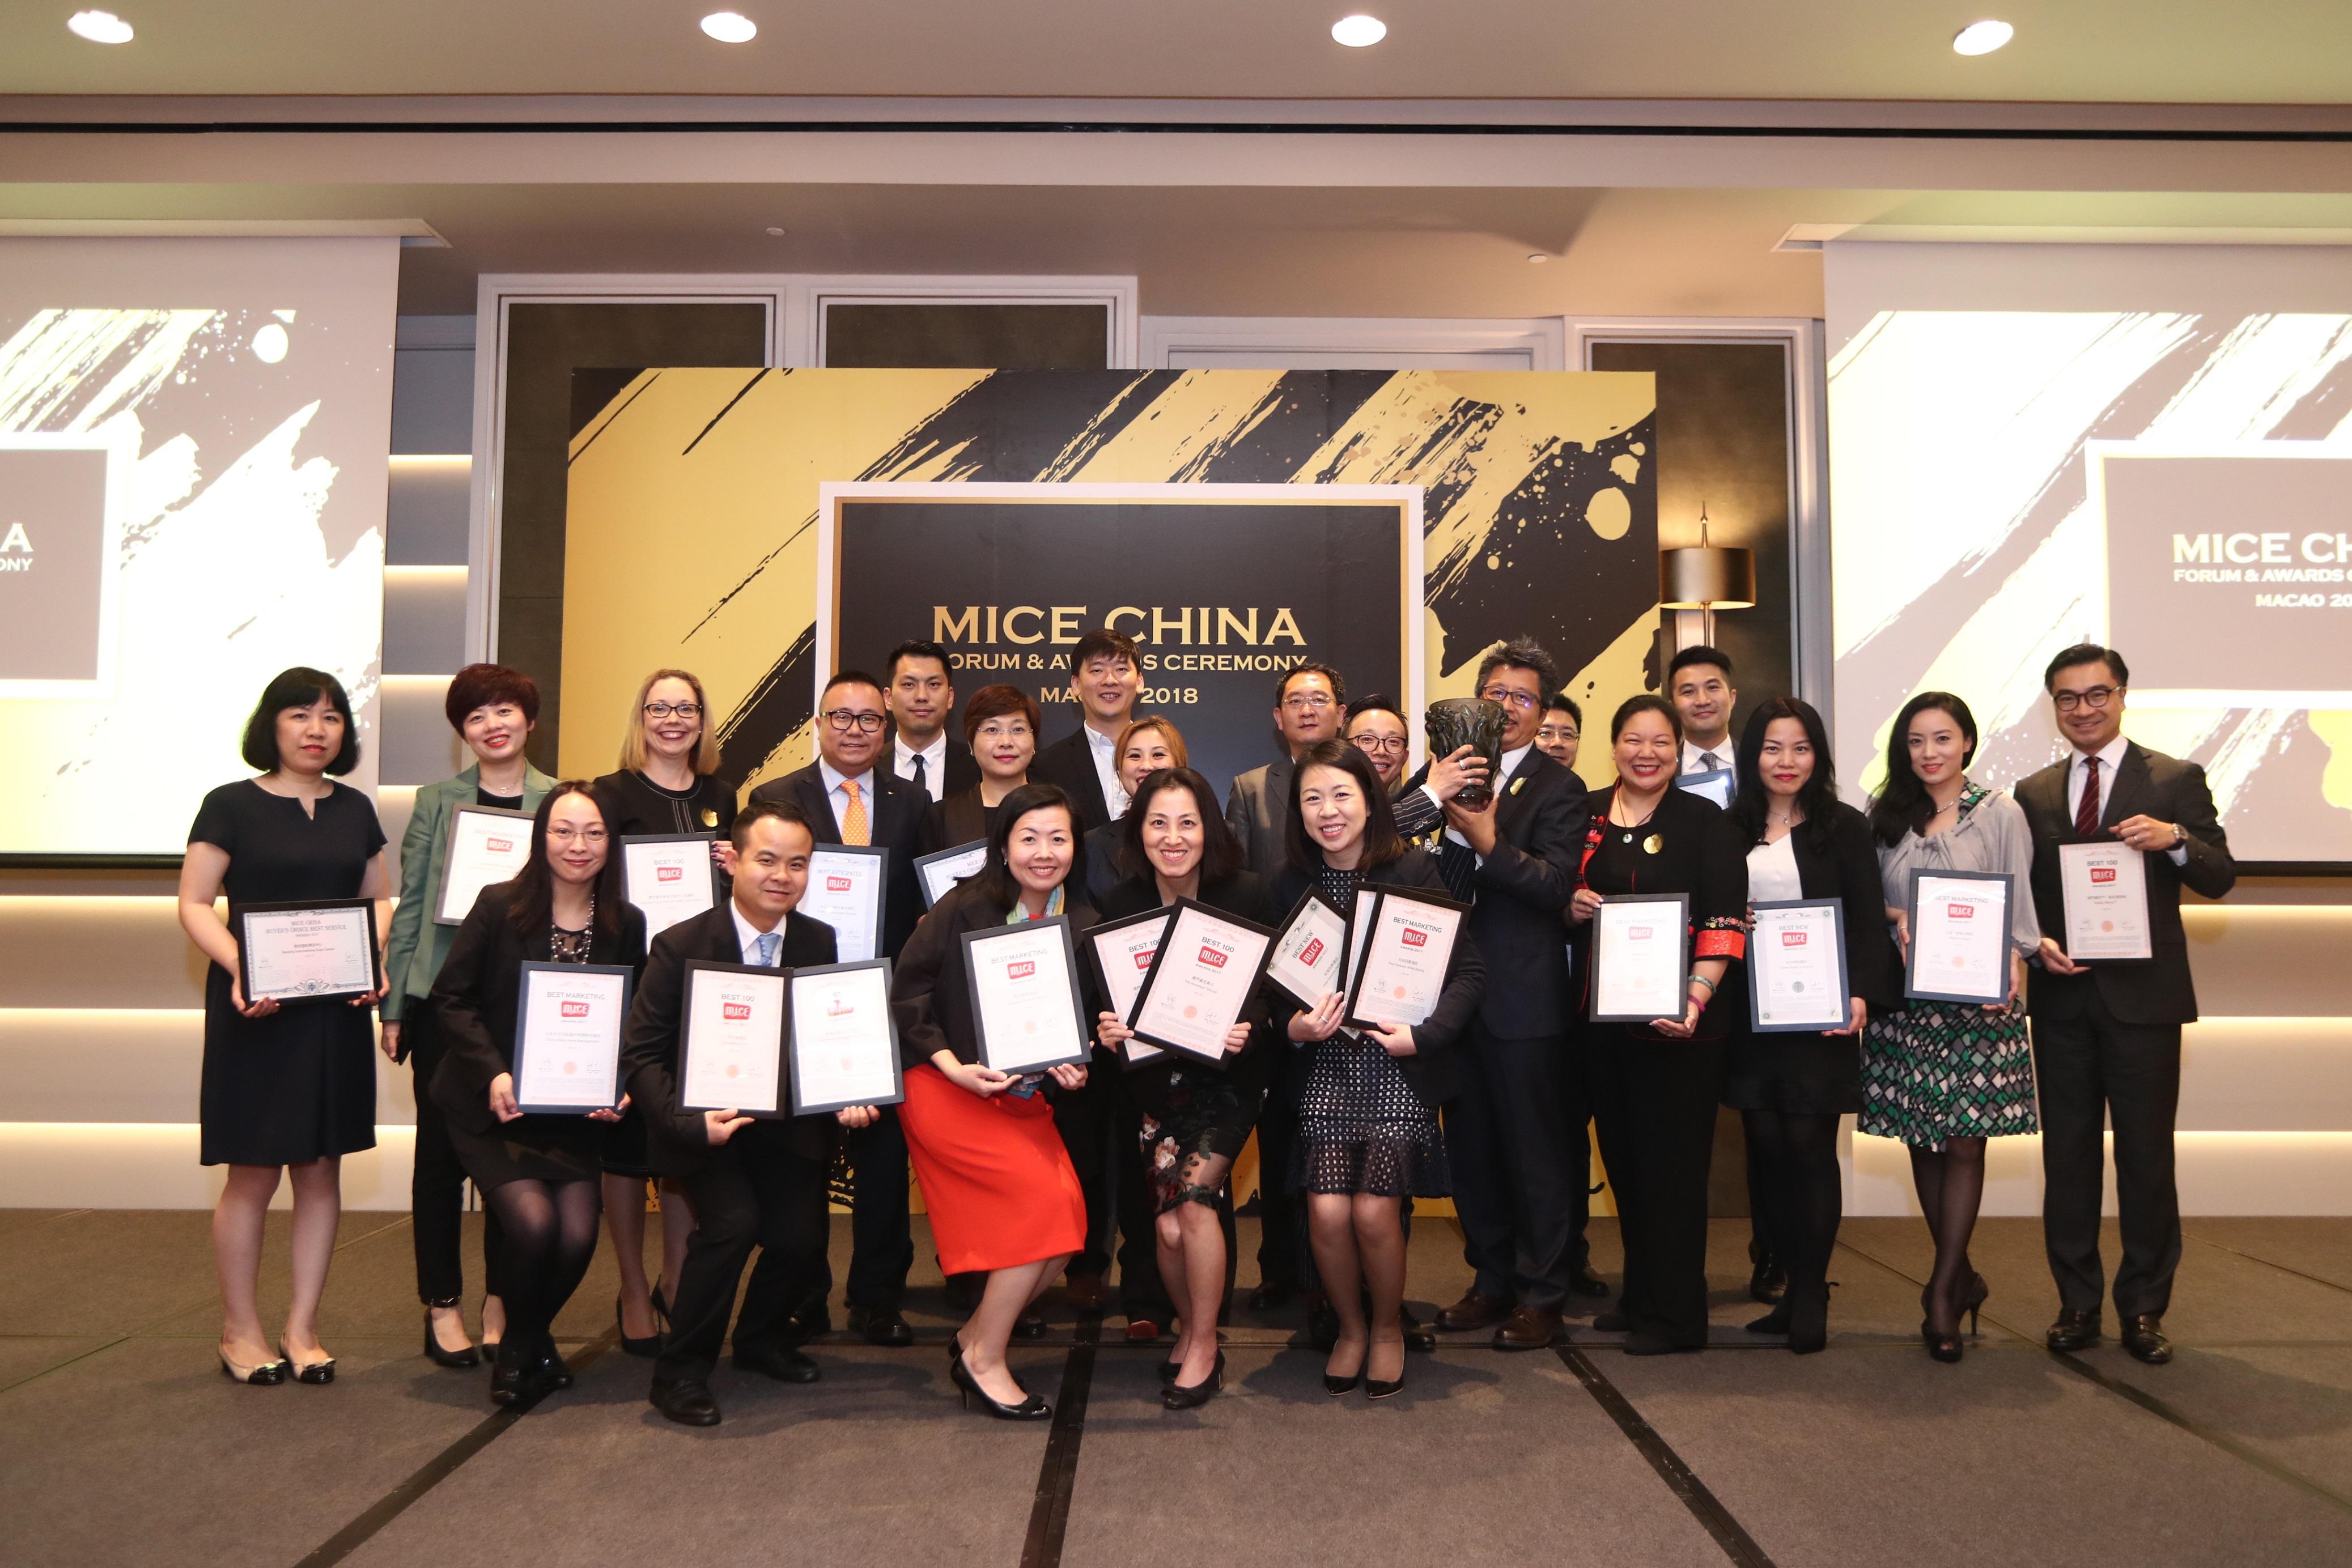 首屆MICE CHINA論壇及頒獎典禮 - 金沙中國